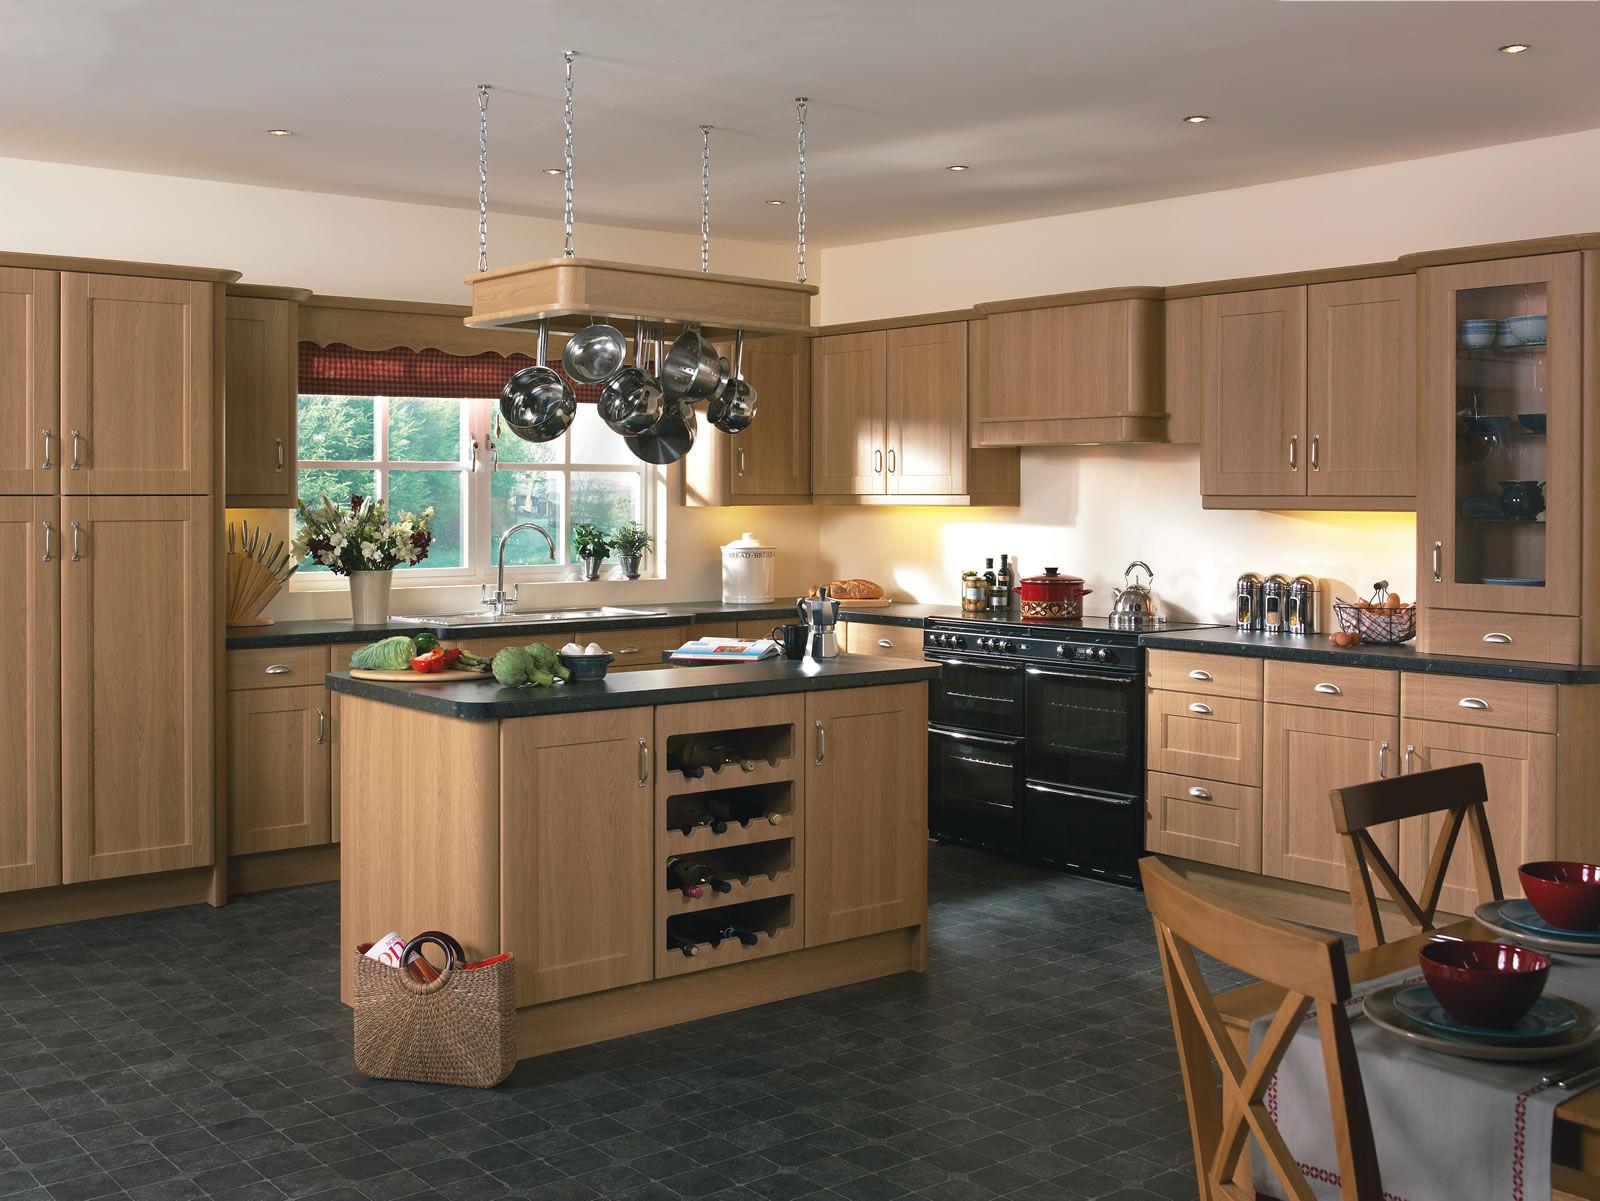 Kitchen Ideas Brisbane kitchens design ideas - galworx custom fitted kitchens furniture